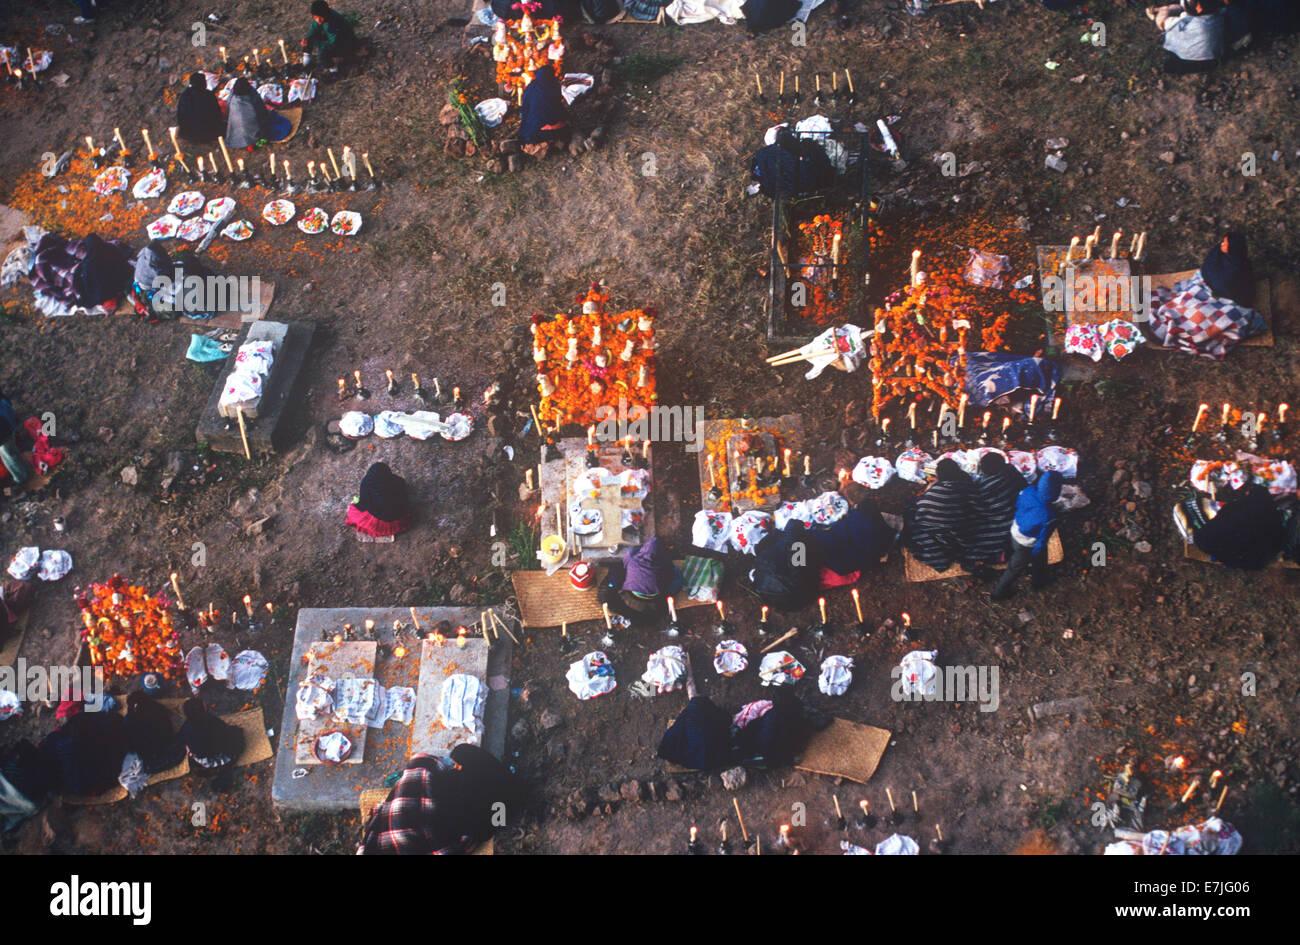 Day of the Dead, Janitizio, Michoacan, Mexico - Stock Image